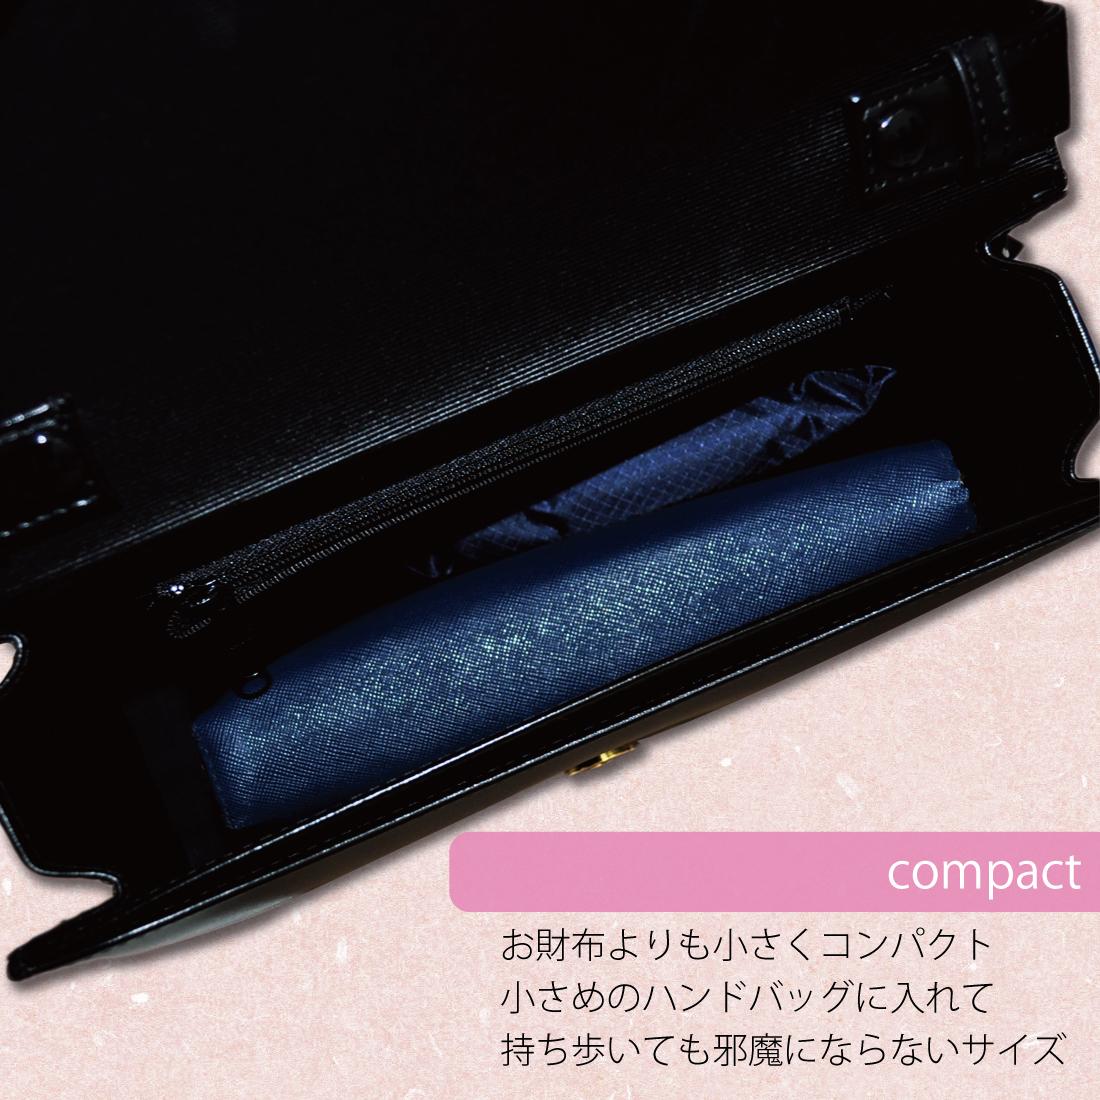 長財布よりも小さくコンパクト。小さ目のハンドバッグに入れても邪魔にならないサイズ